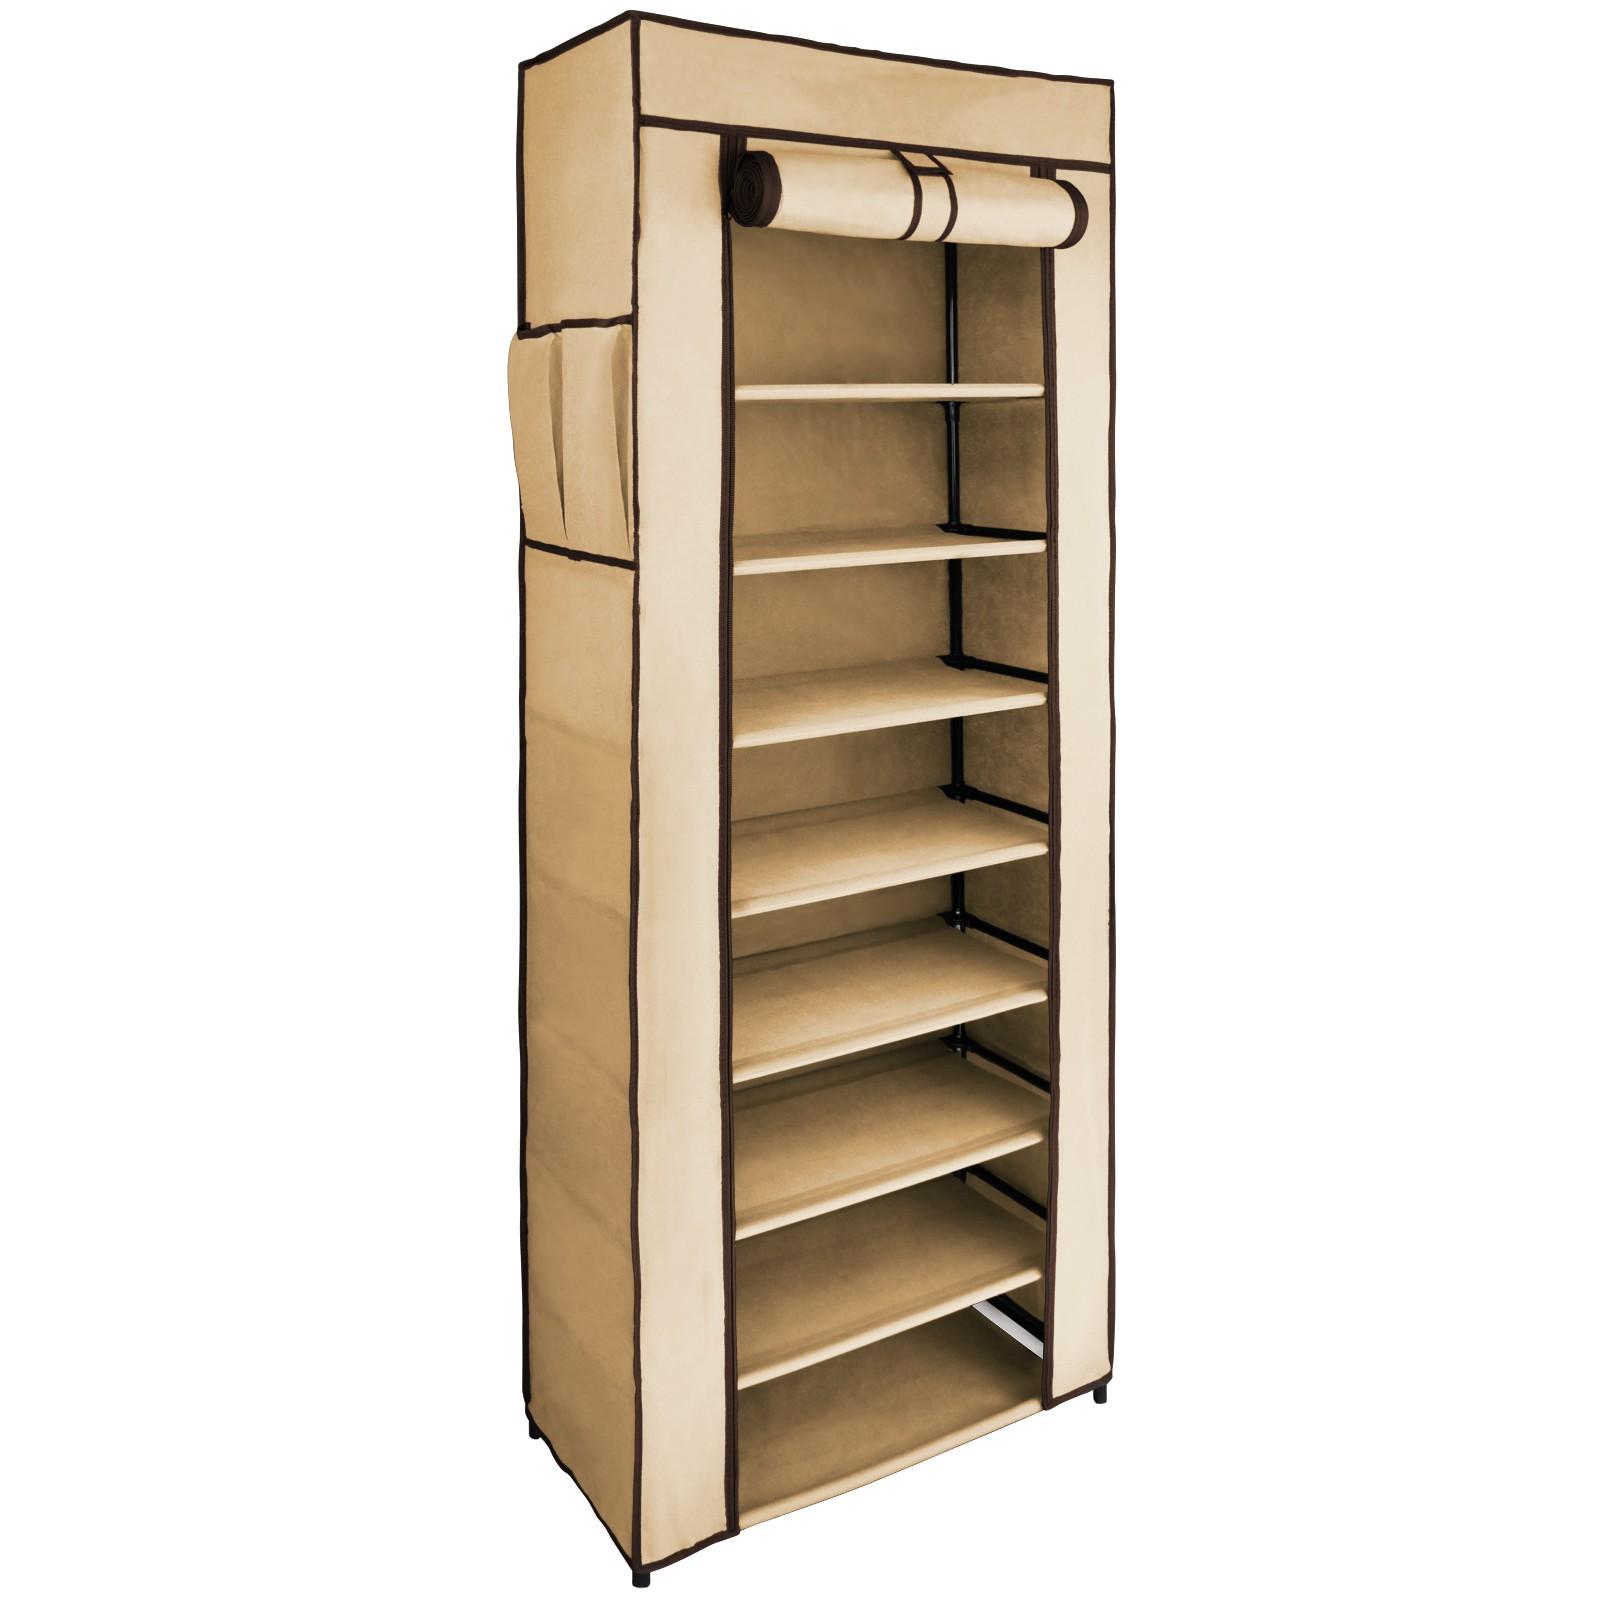 schuh regal 8 etagen 58x28x160 cm schuhst nder schuhschrank schuhablage ebay. Black Bedroom Furniture Sets. Home Design Ideas